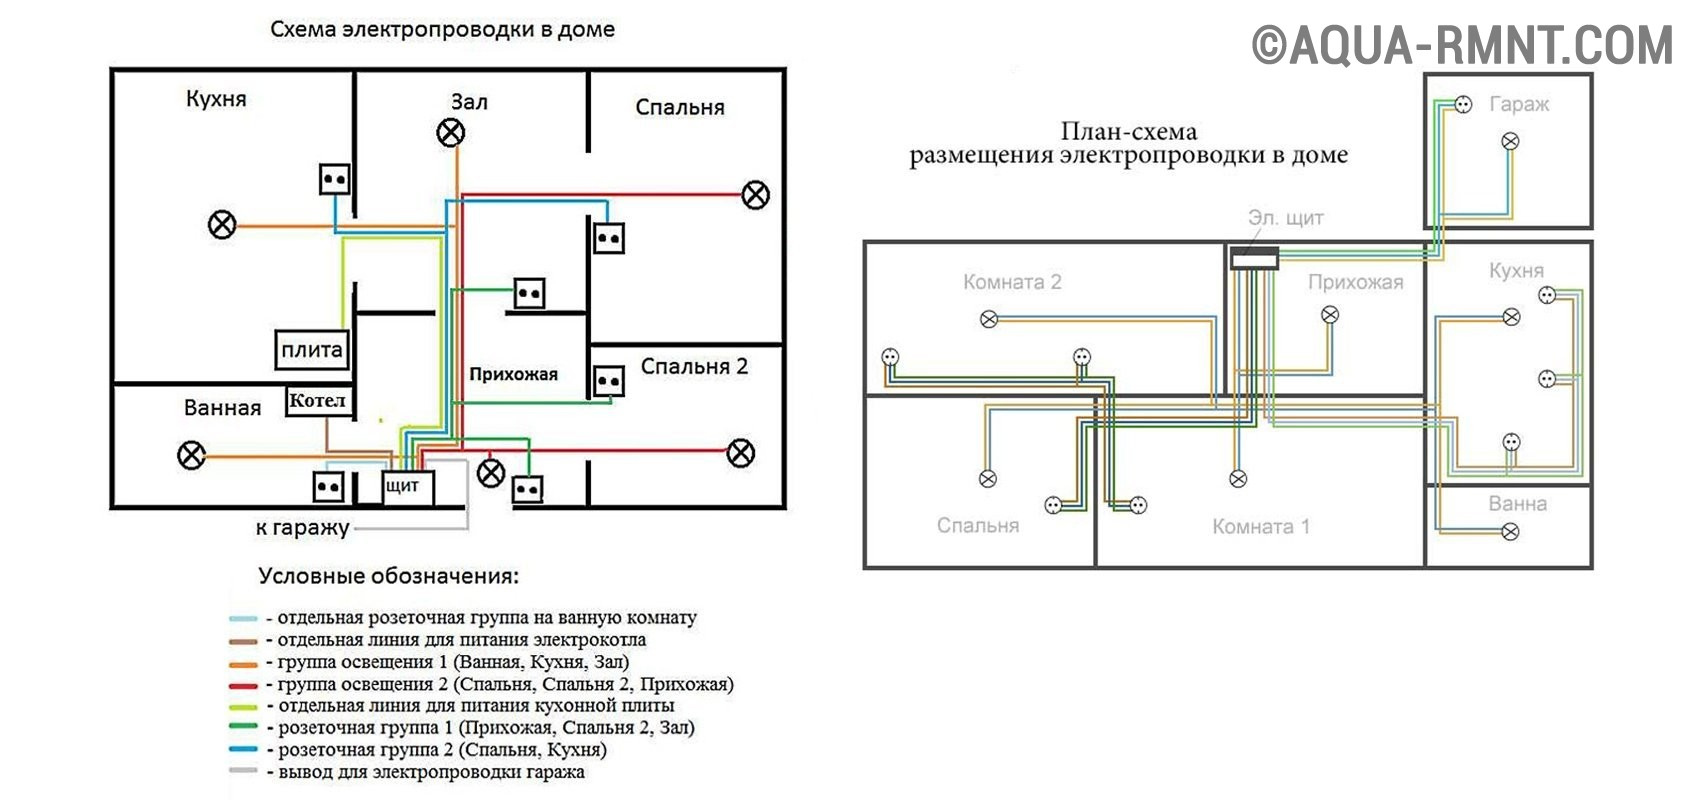 Все об электропроводке в квартирах и правилах прокладки проводов